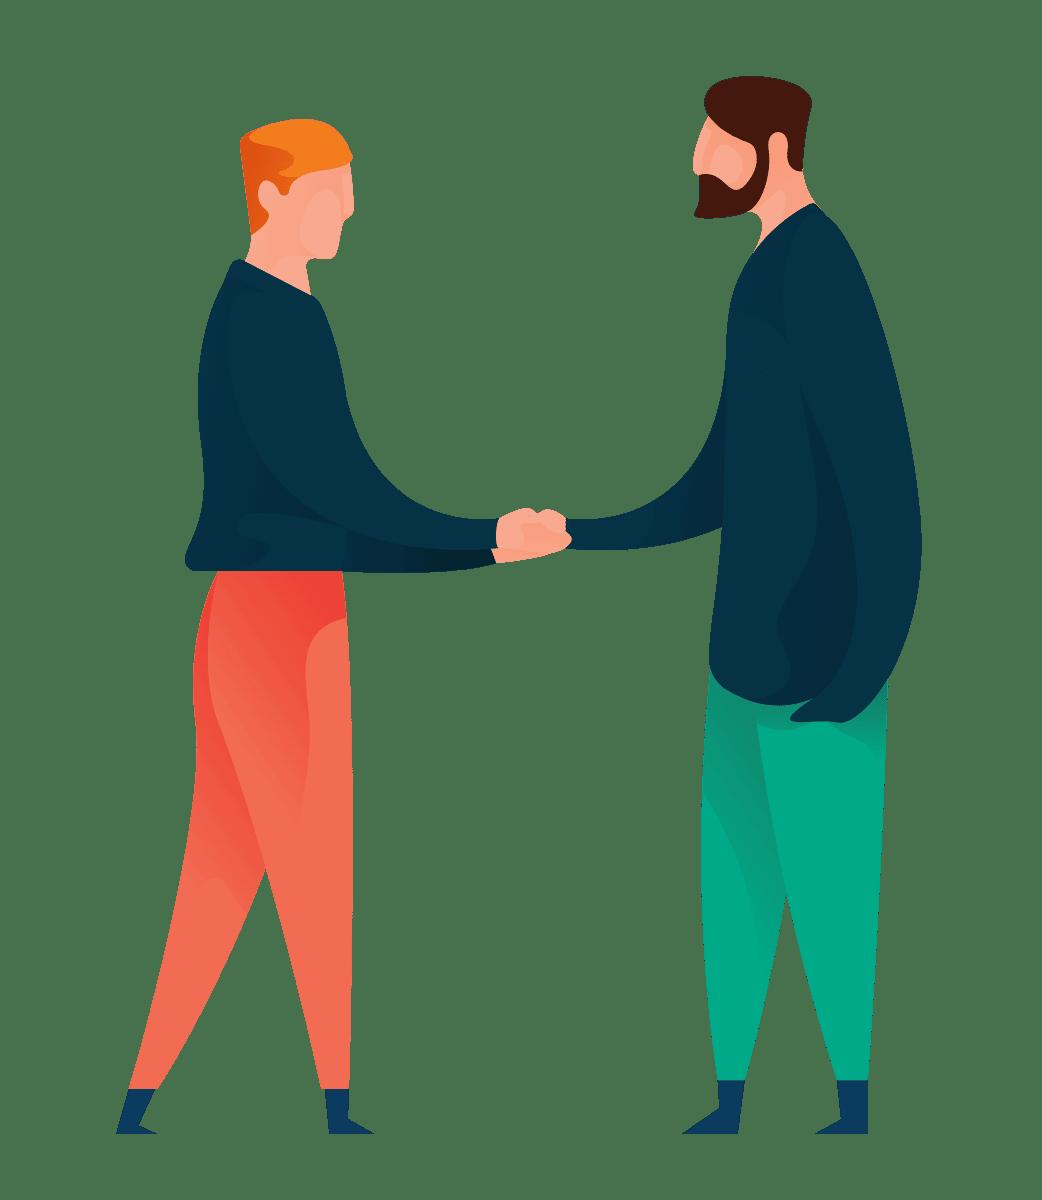 גיוס לקוחות לסוכן